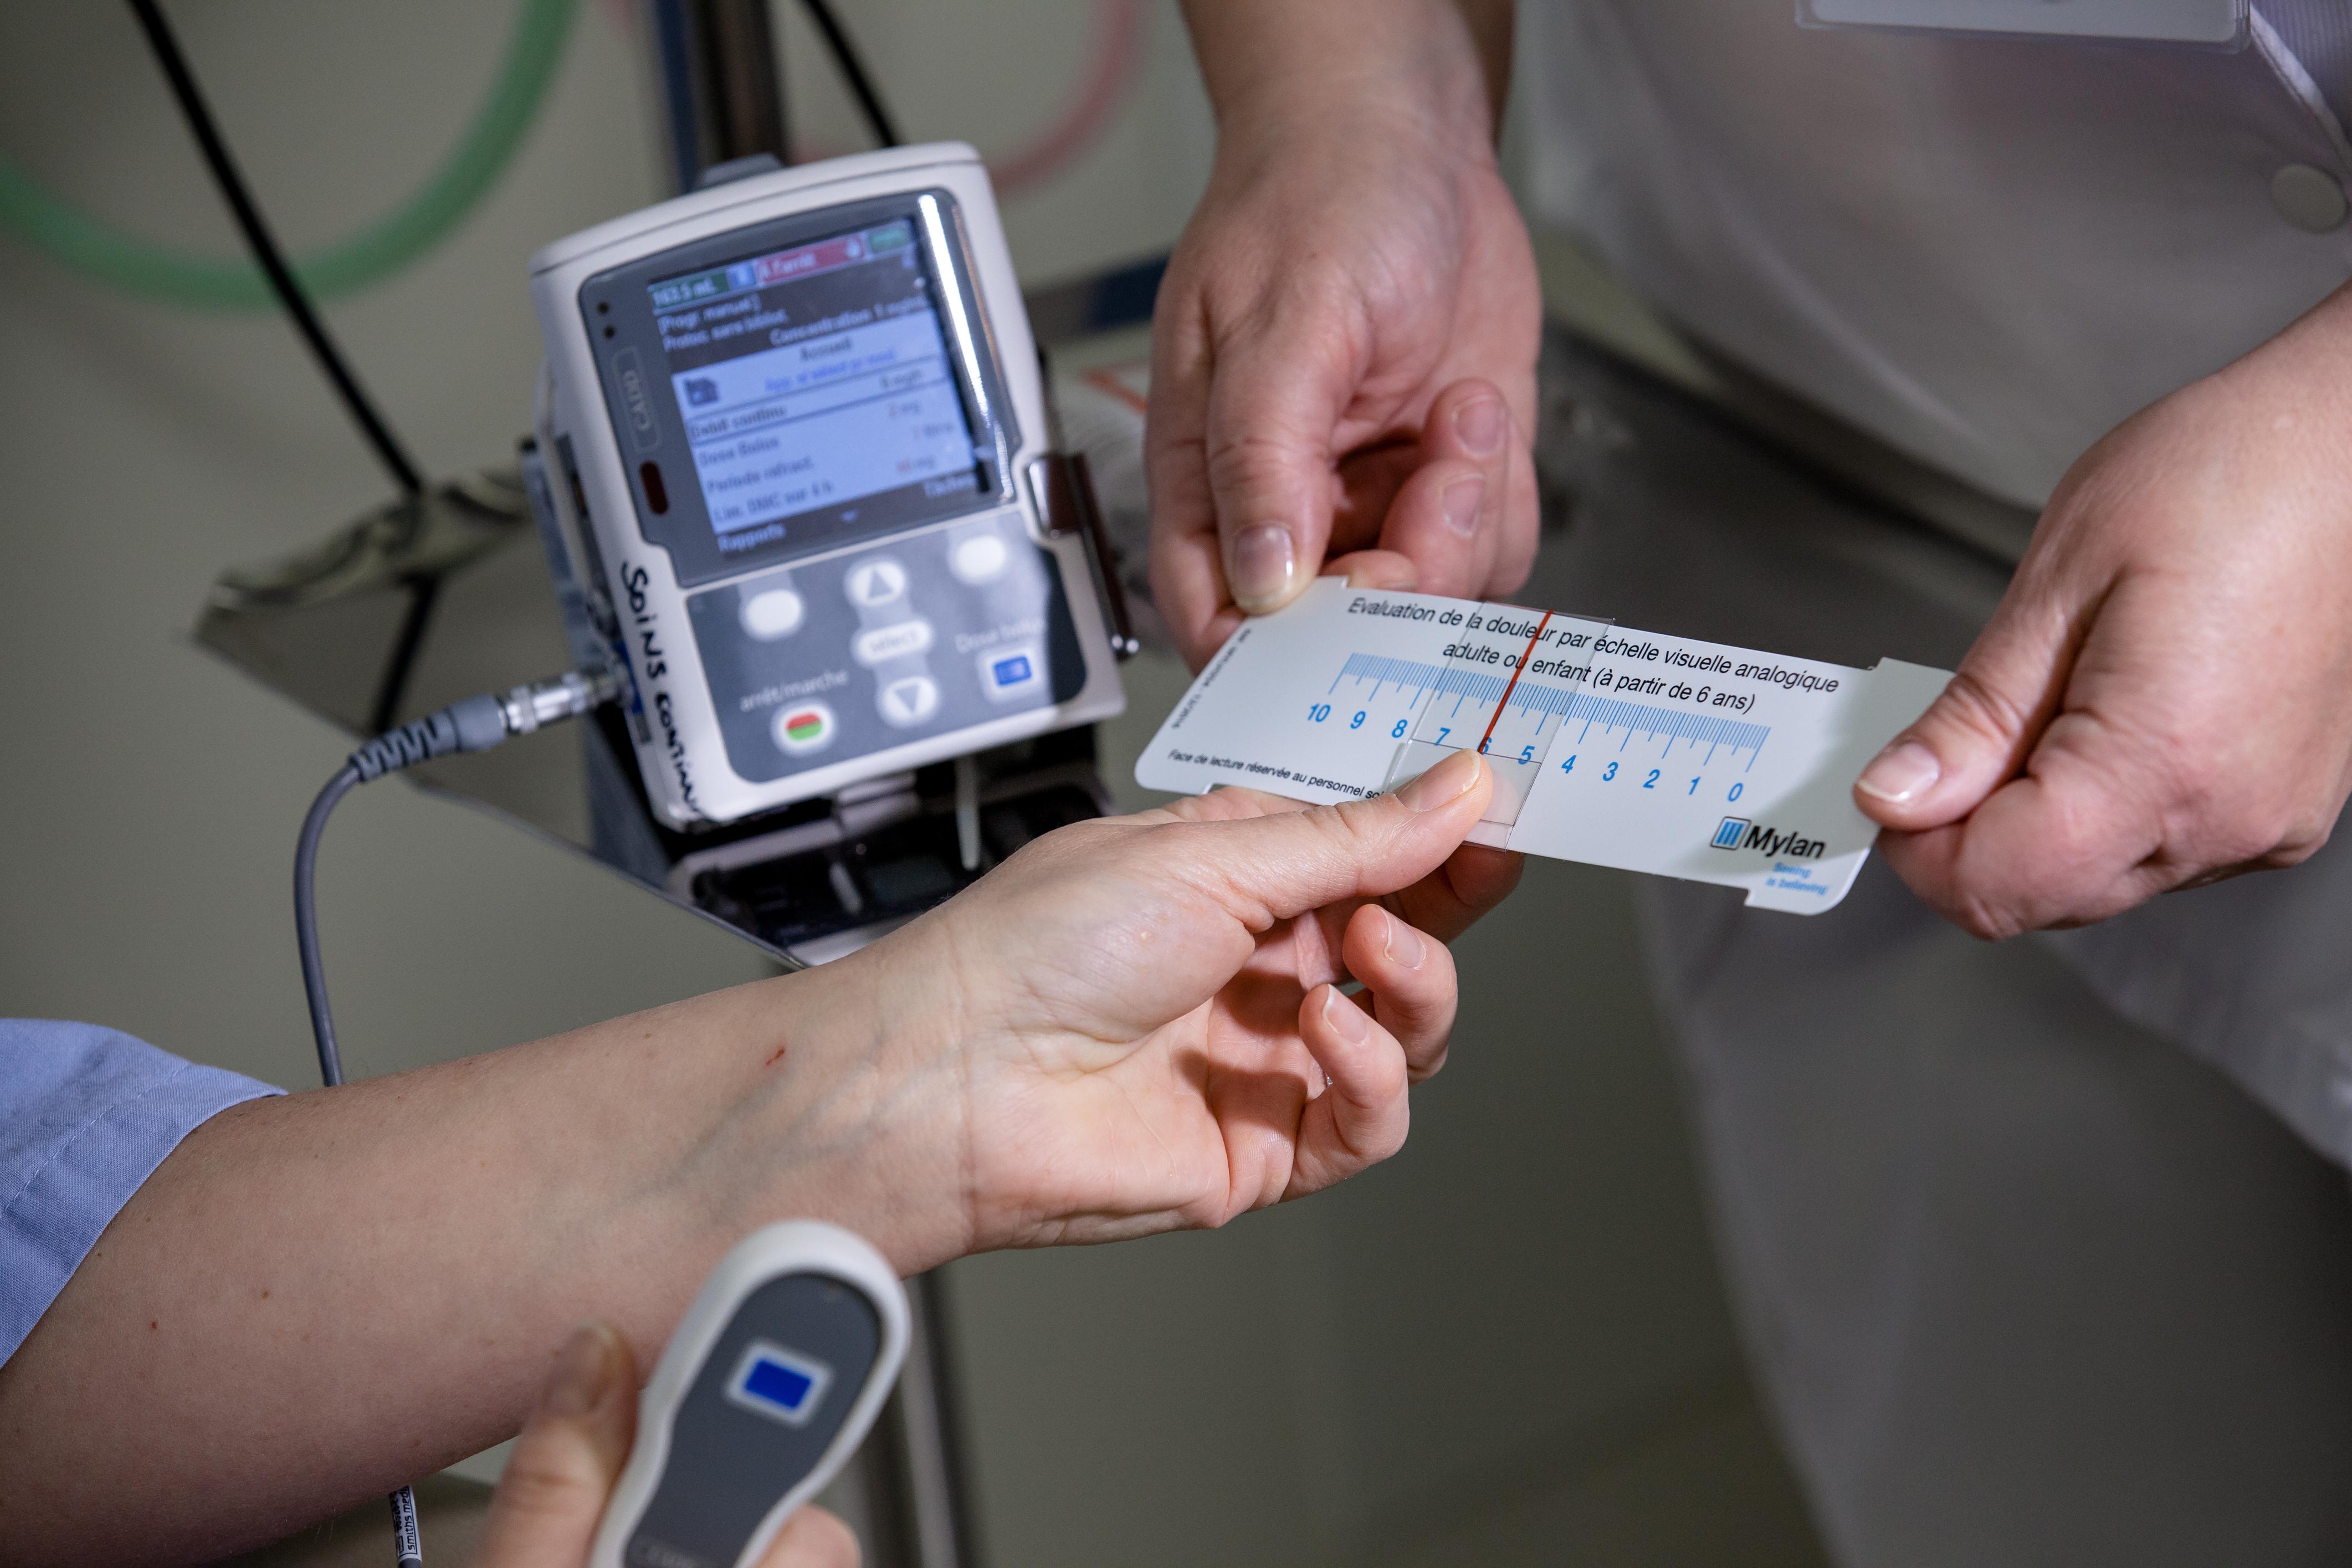 Prise en charge de la douleur Hôpital privé Dijon Bourgogne - Photo : La Courtoisie